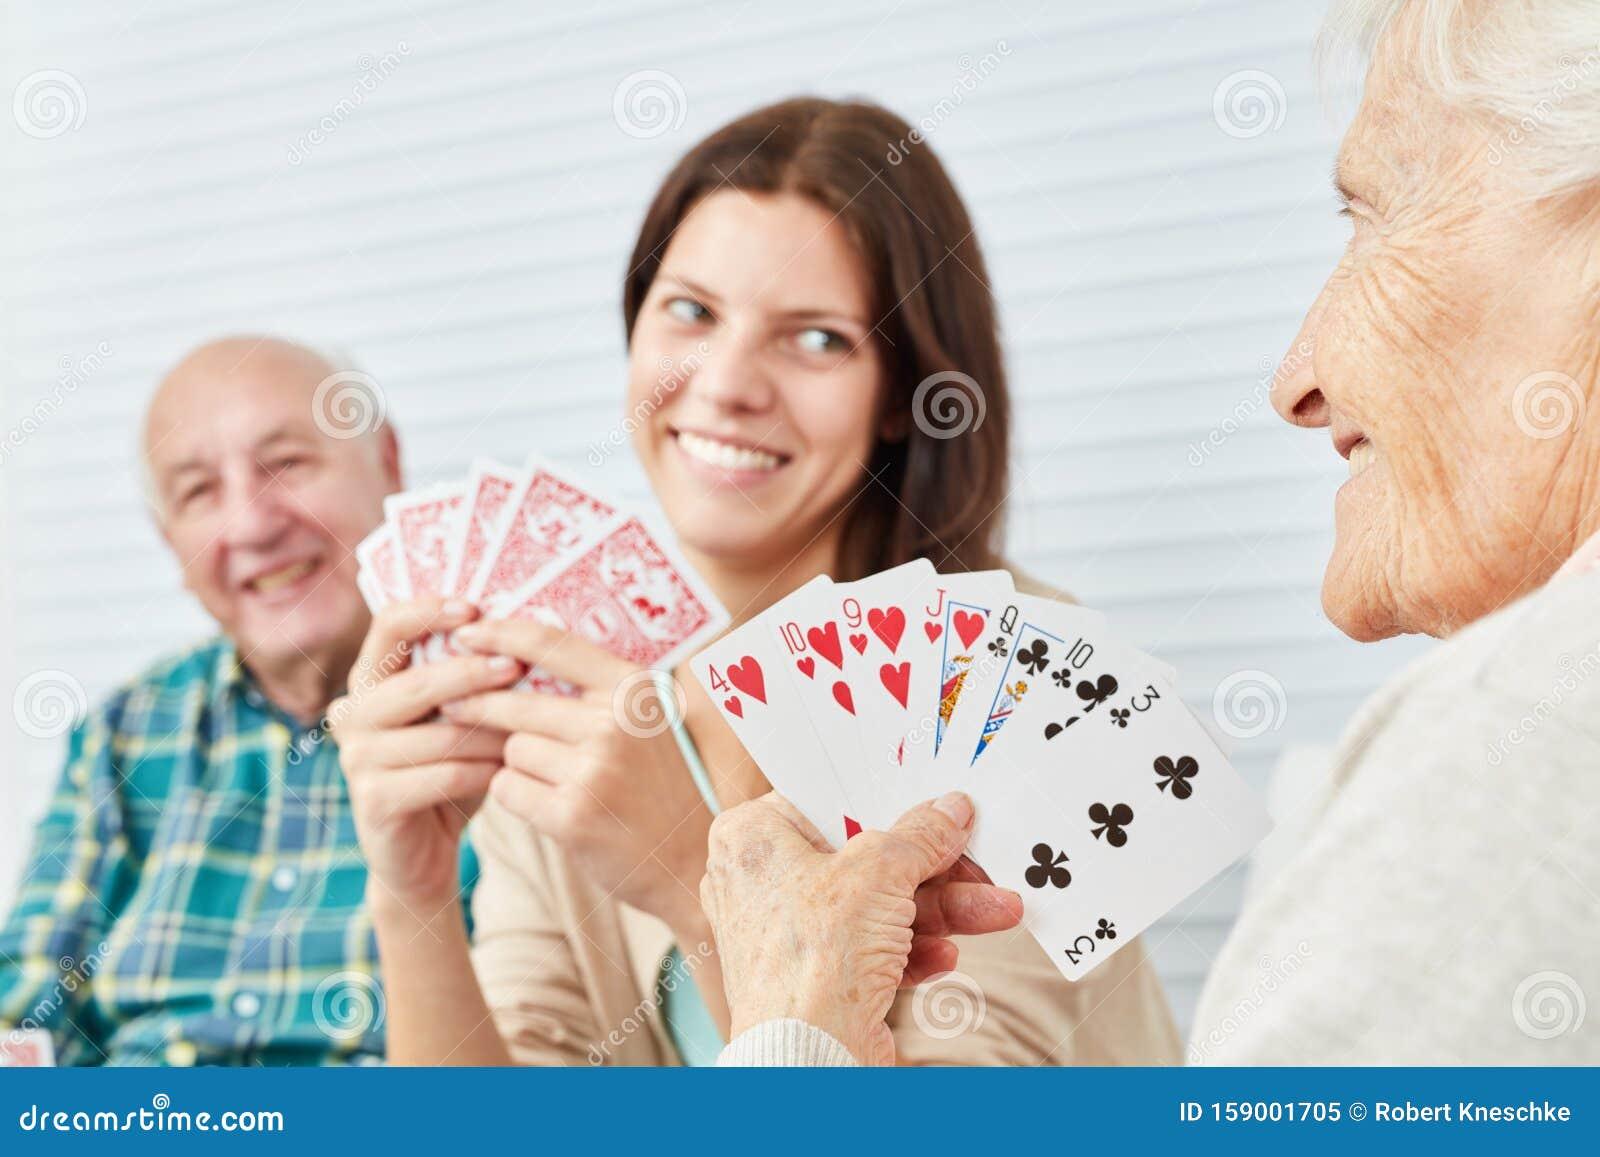 Играть в карты дома игровые автоматы играть бесплатно и без регистрации из казино